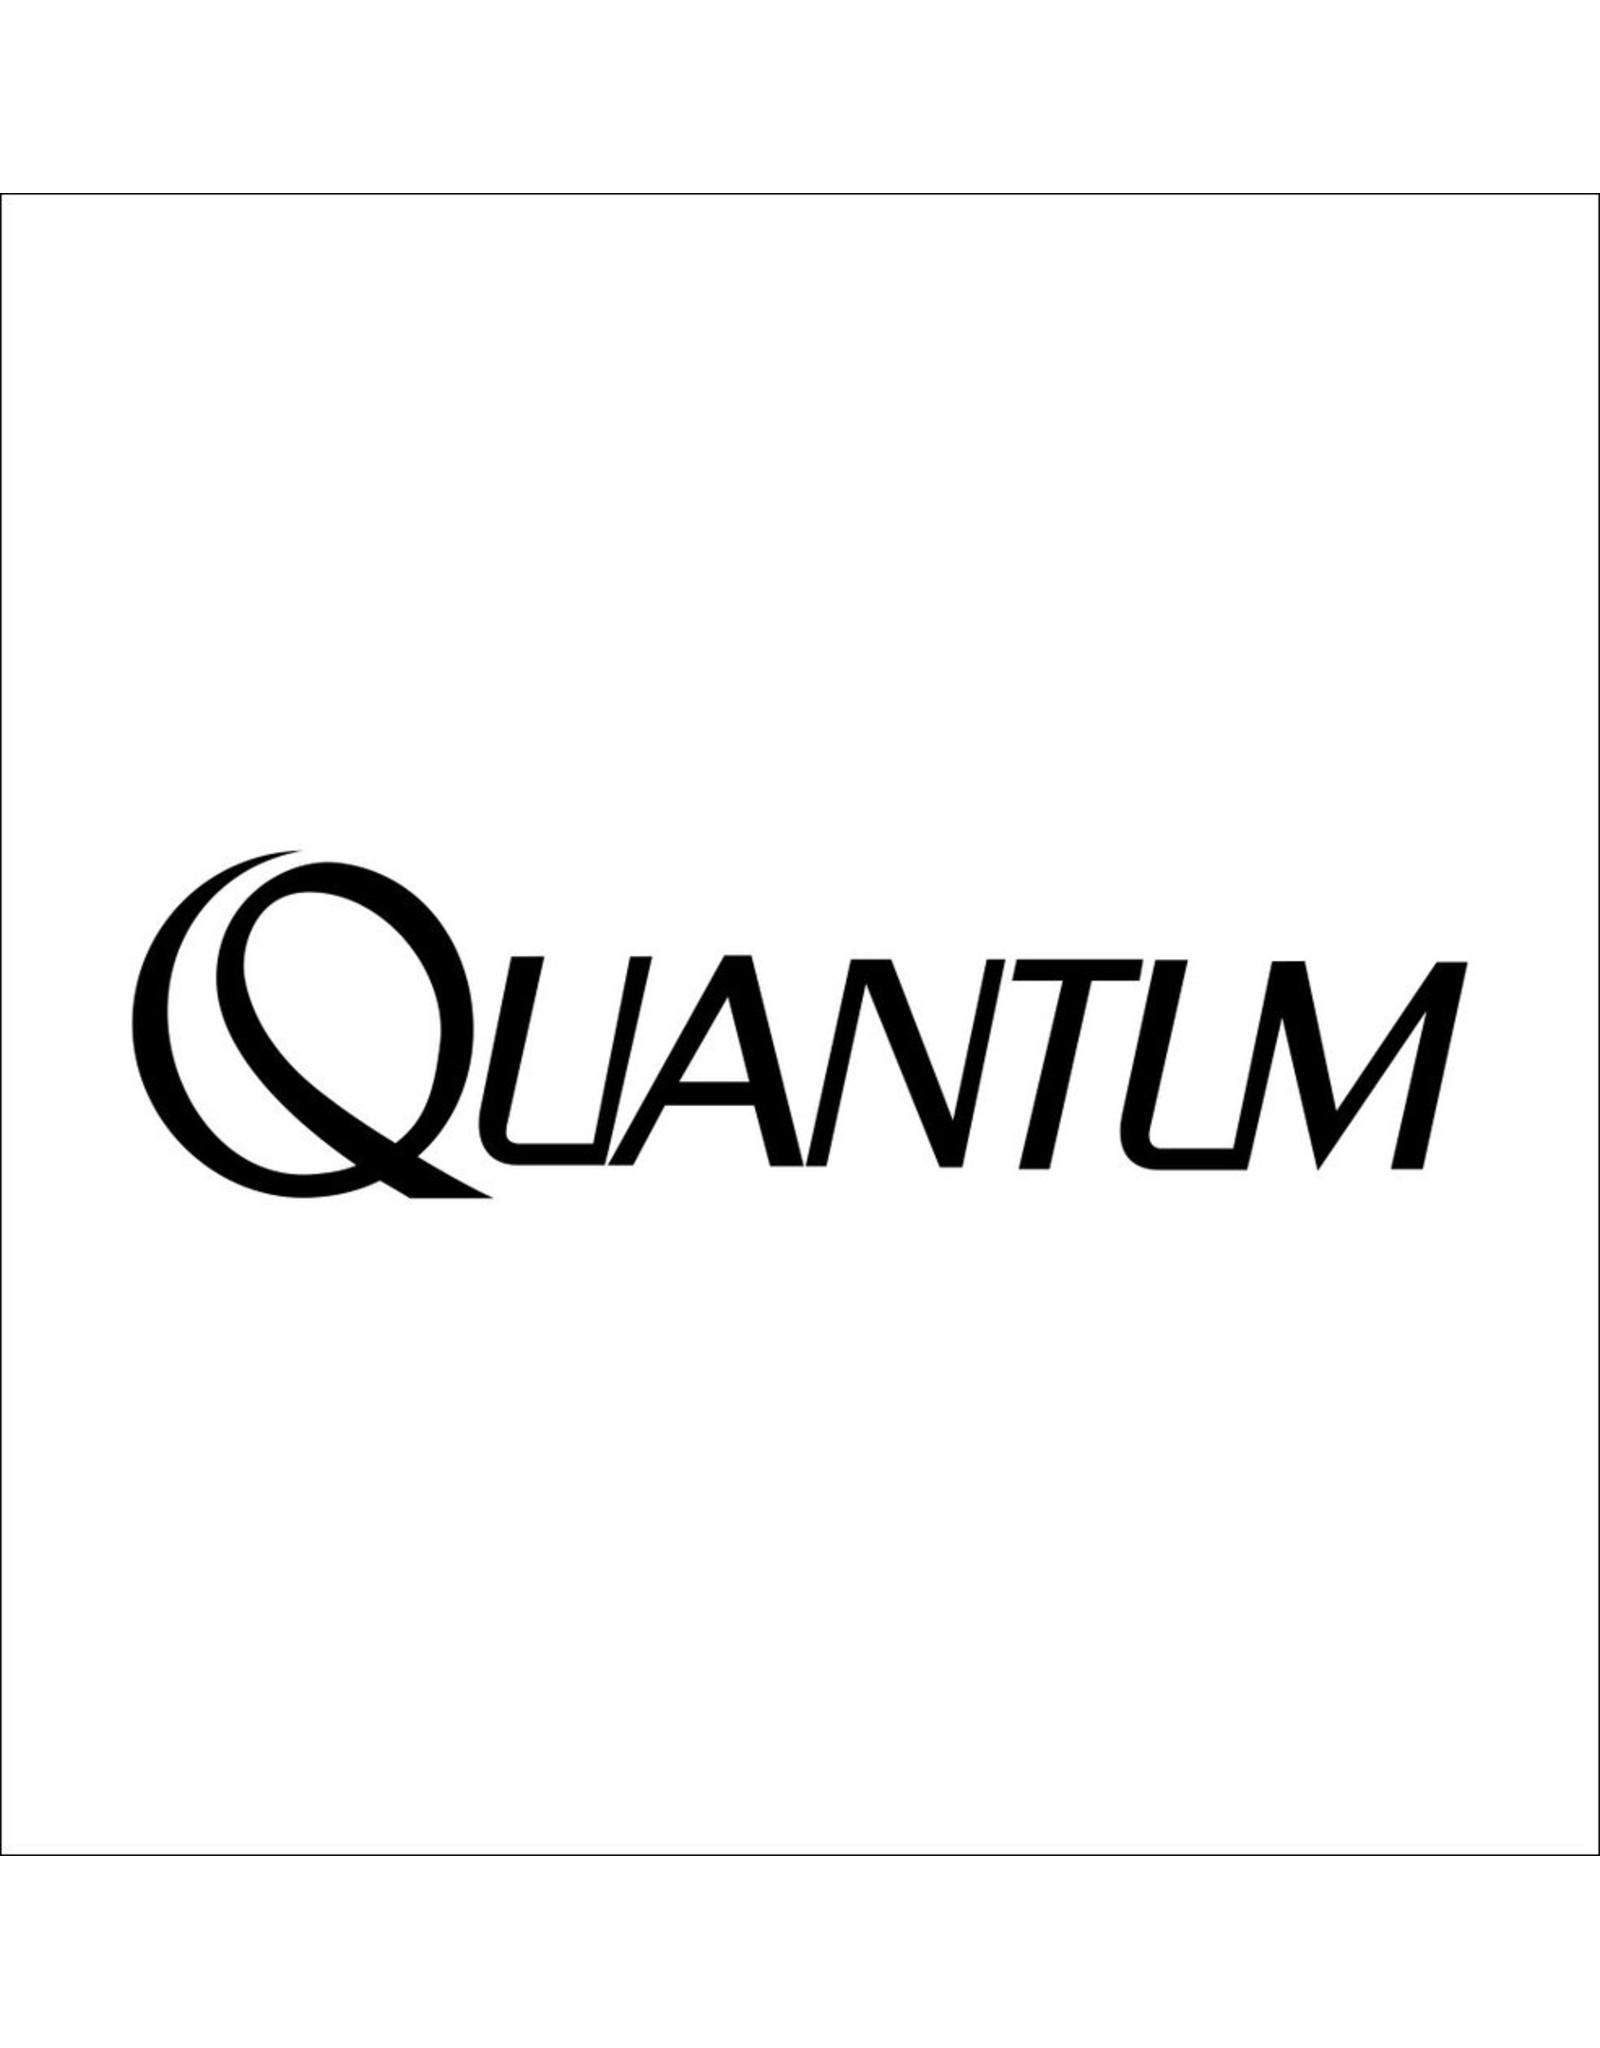 Quantum LINE GUIDE PAWL SPRING